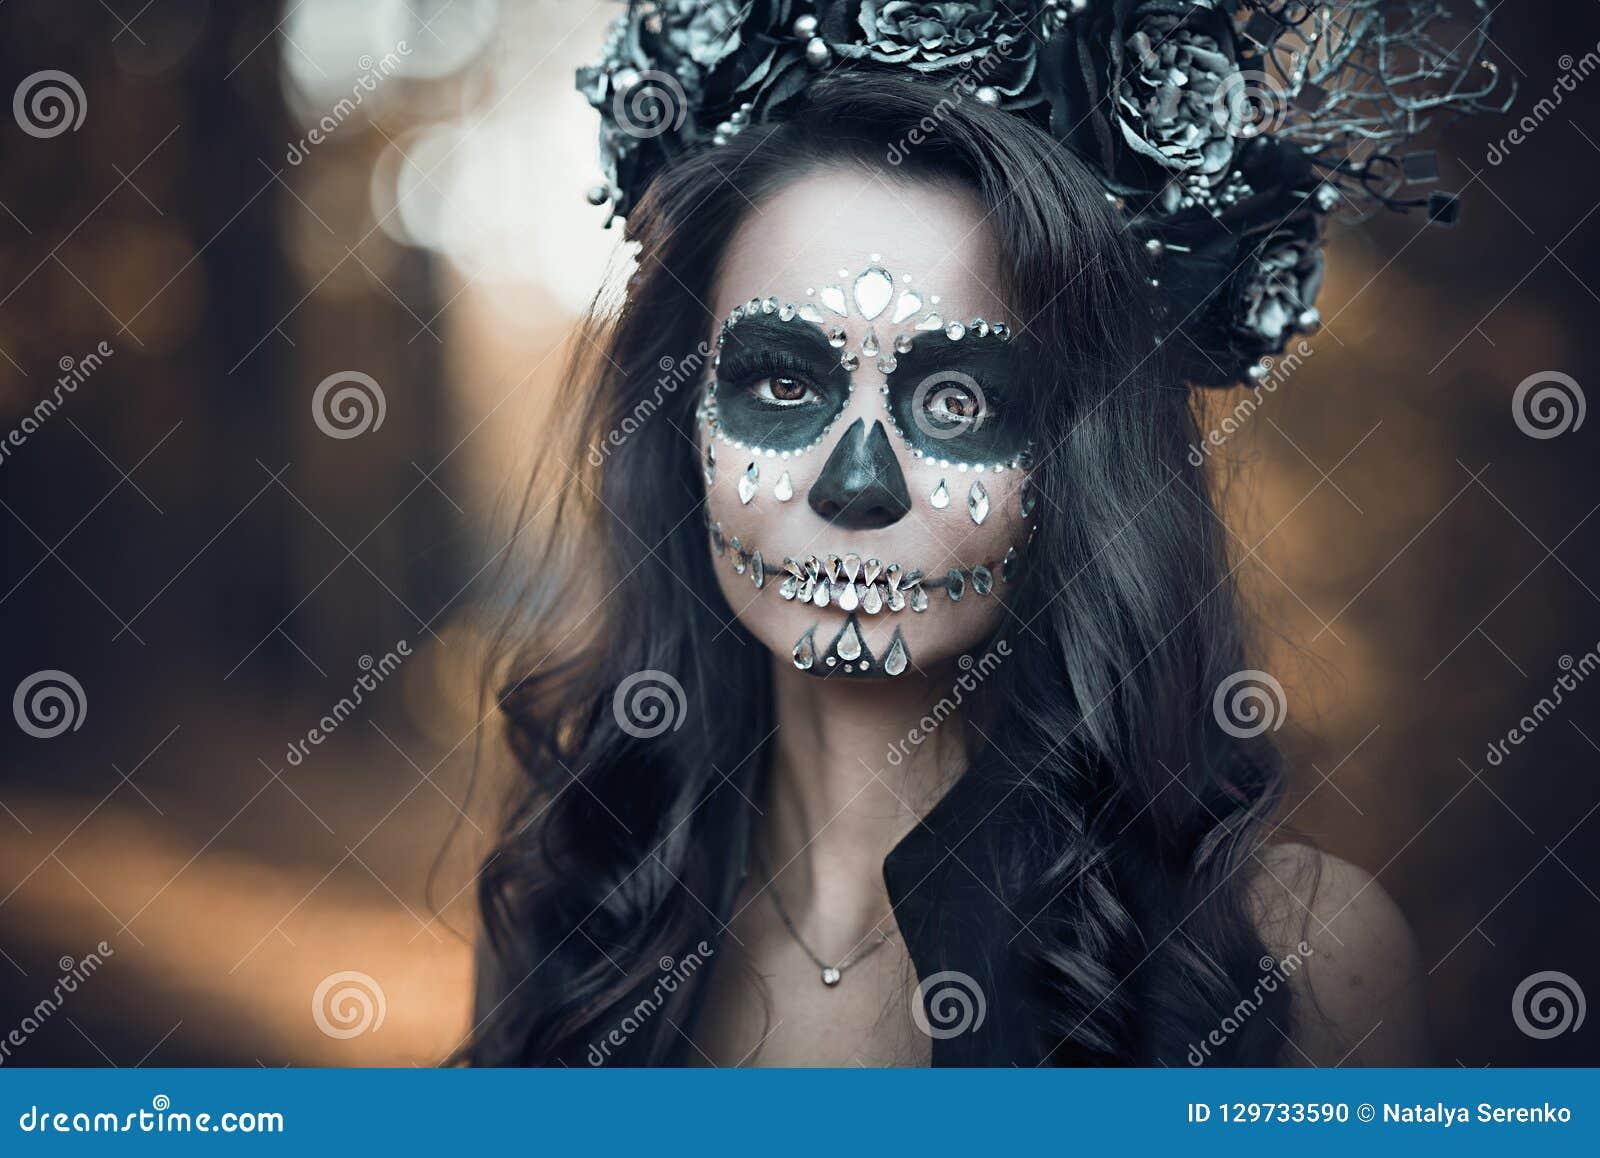 Nahaufnahmeporträt von Calavera Catrina im schwarzen Kleid Zuckerschädelmake-up Dia De Los Muertos Tag der Toten Halloween